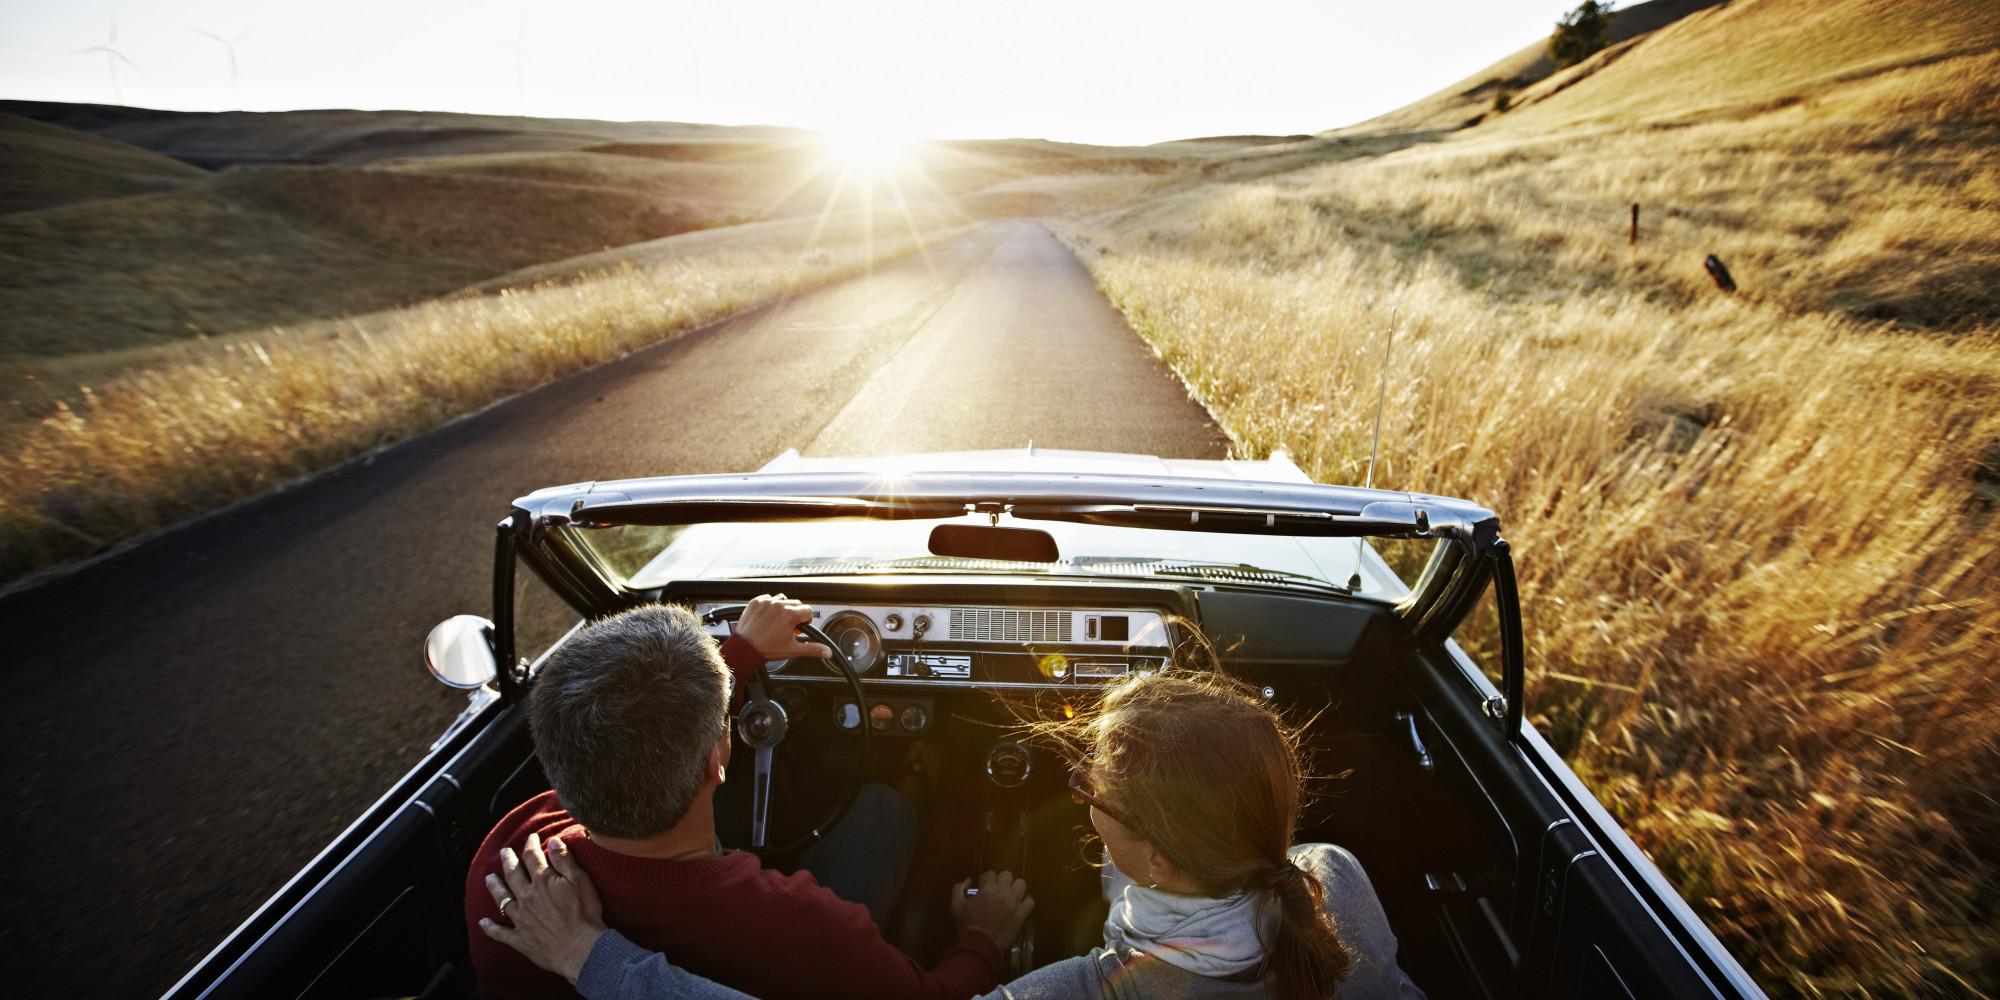 putovanja aranžmani cene individuačnih putovanja